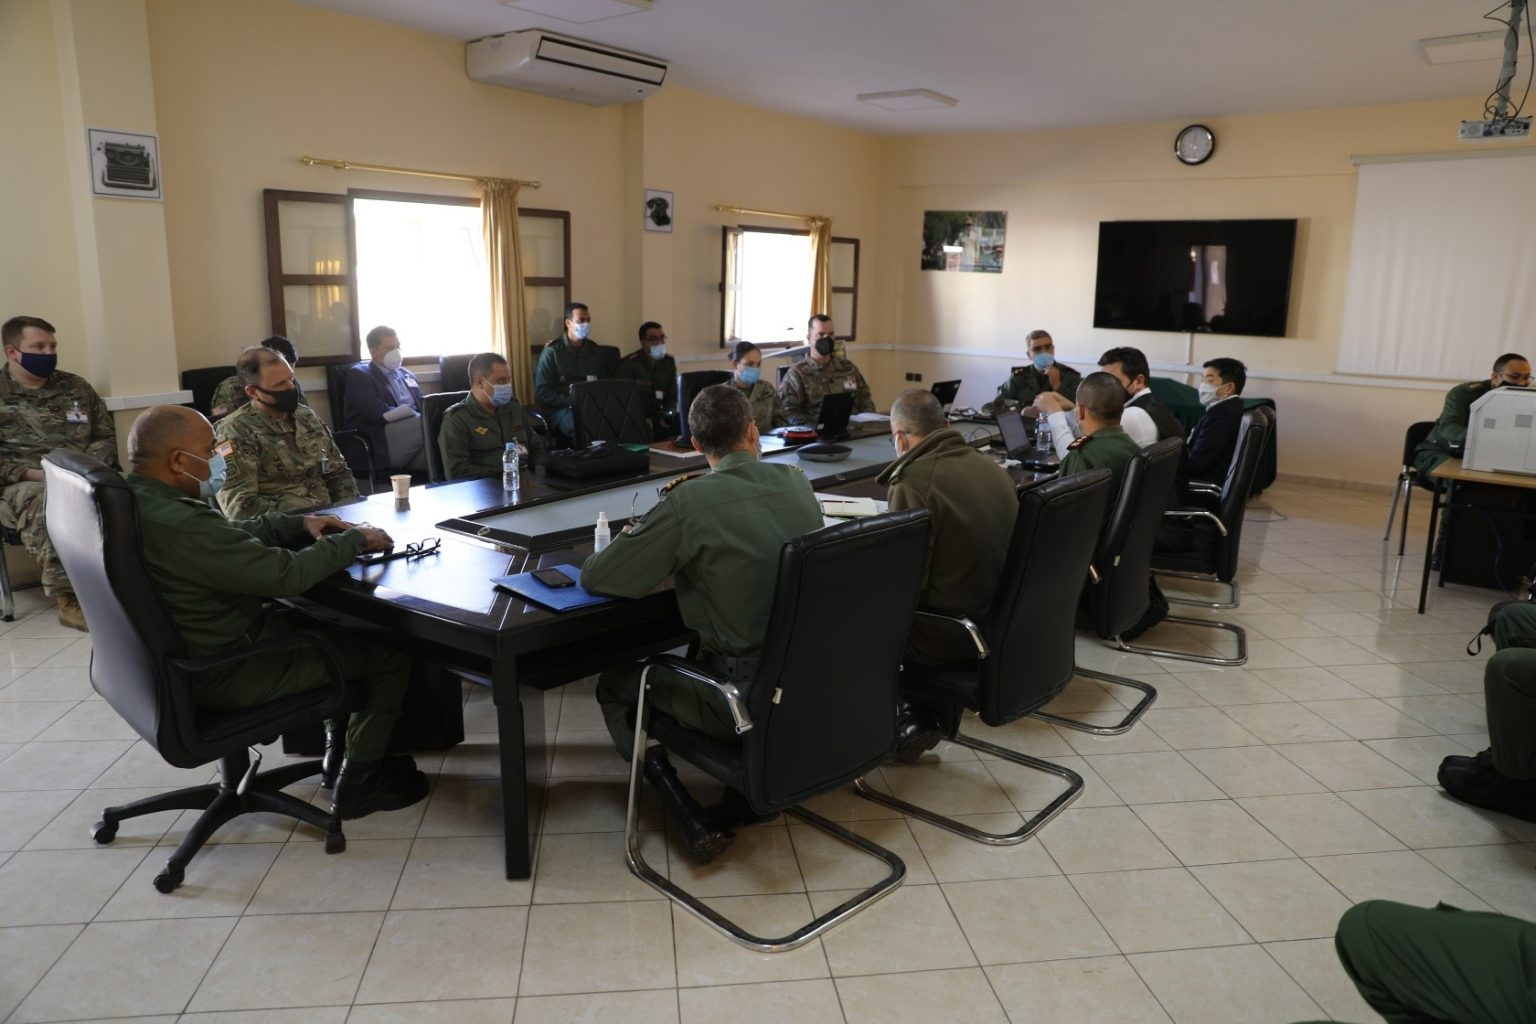 اجتماع في سناير بين قادة عسكريين امريكيين ومغاربة تحضيرا لمناورات الأسد الافريقي (FAR)